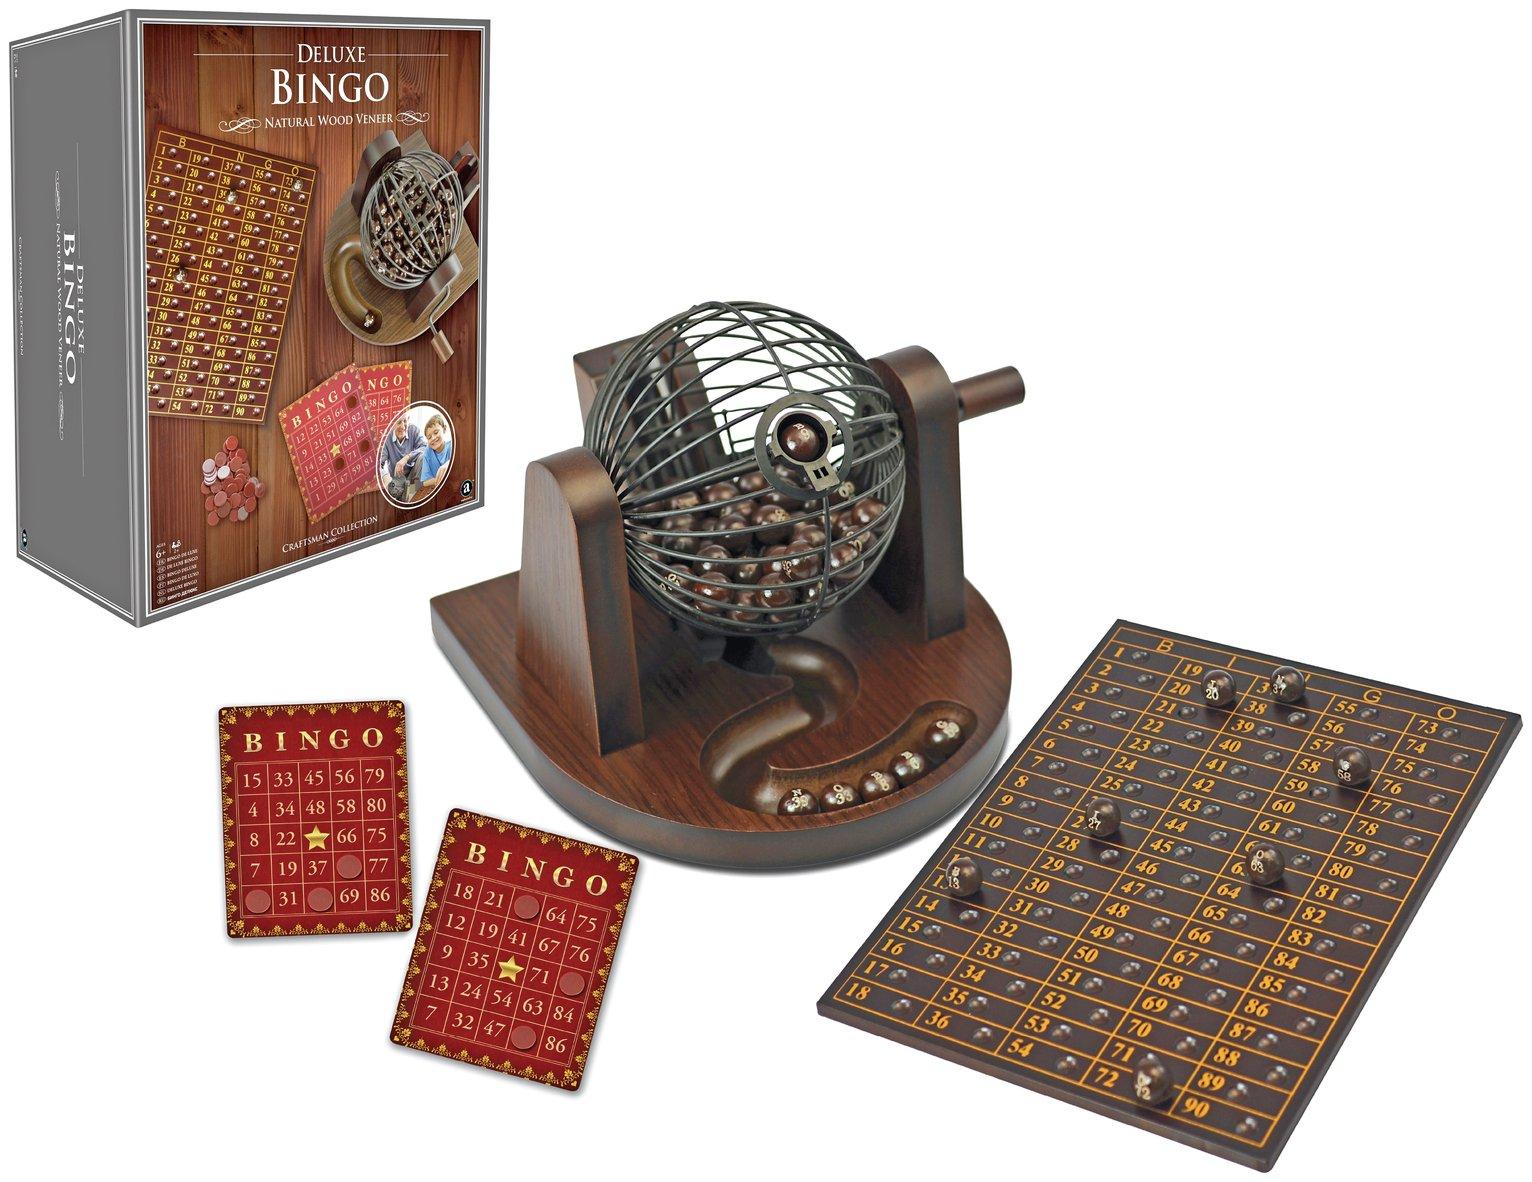 Ambassador Craftsman Wood Veneer Deluxe Bingo